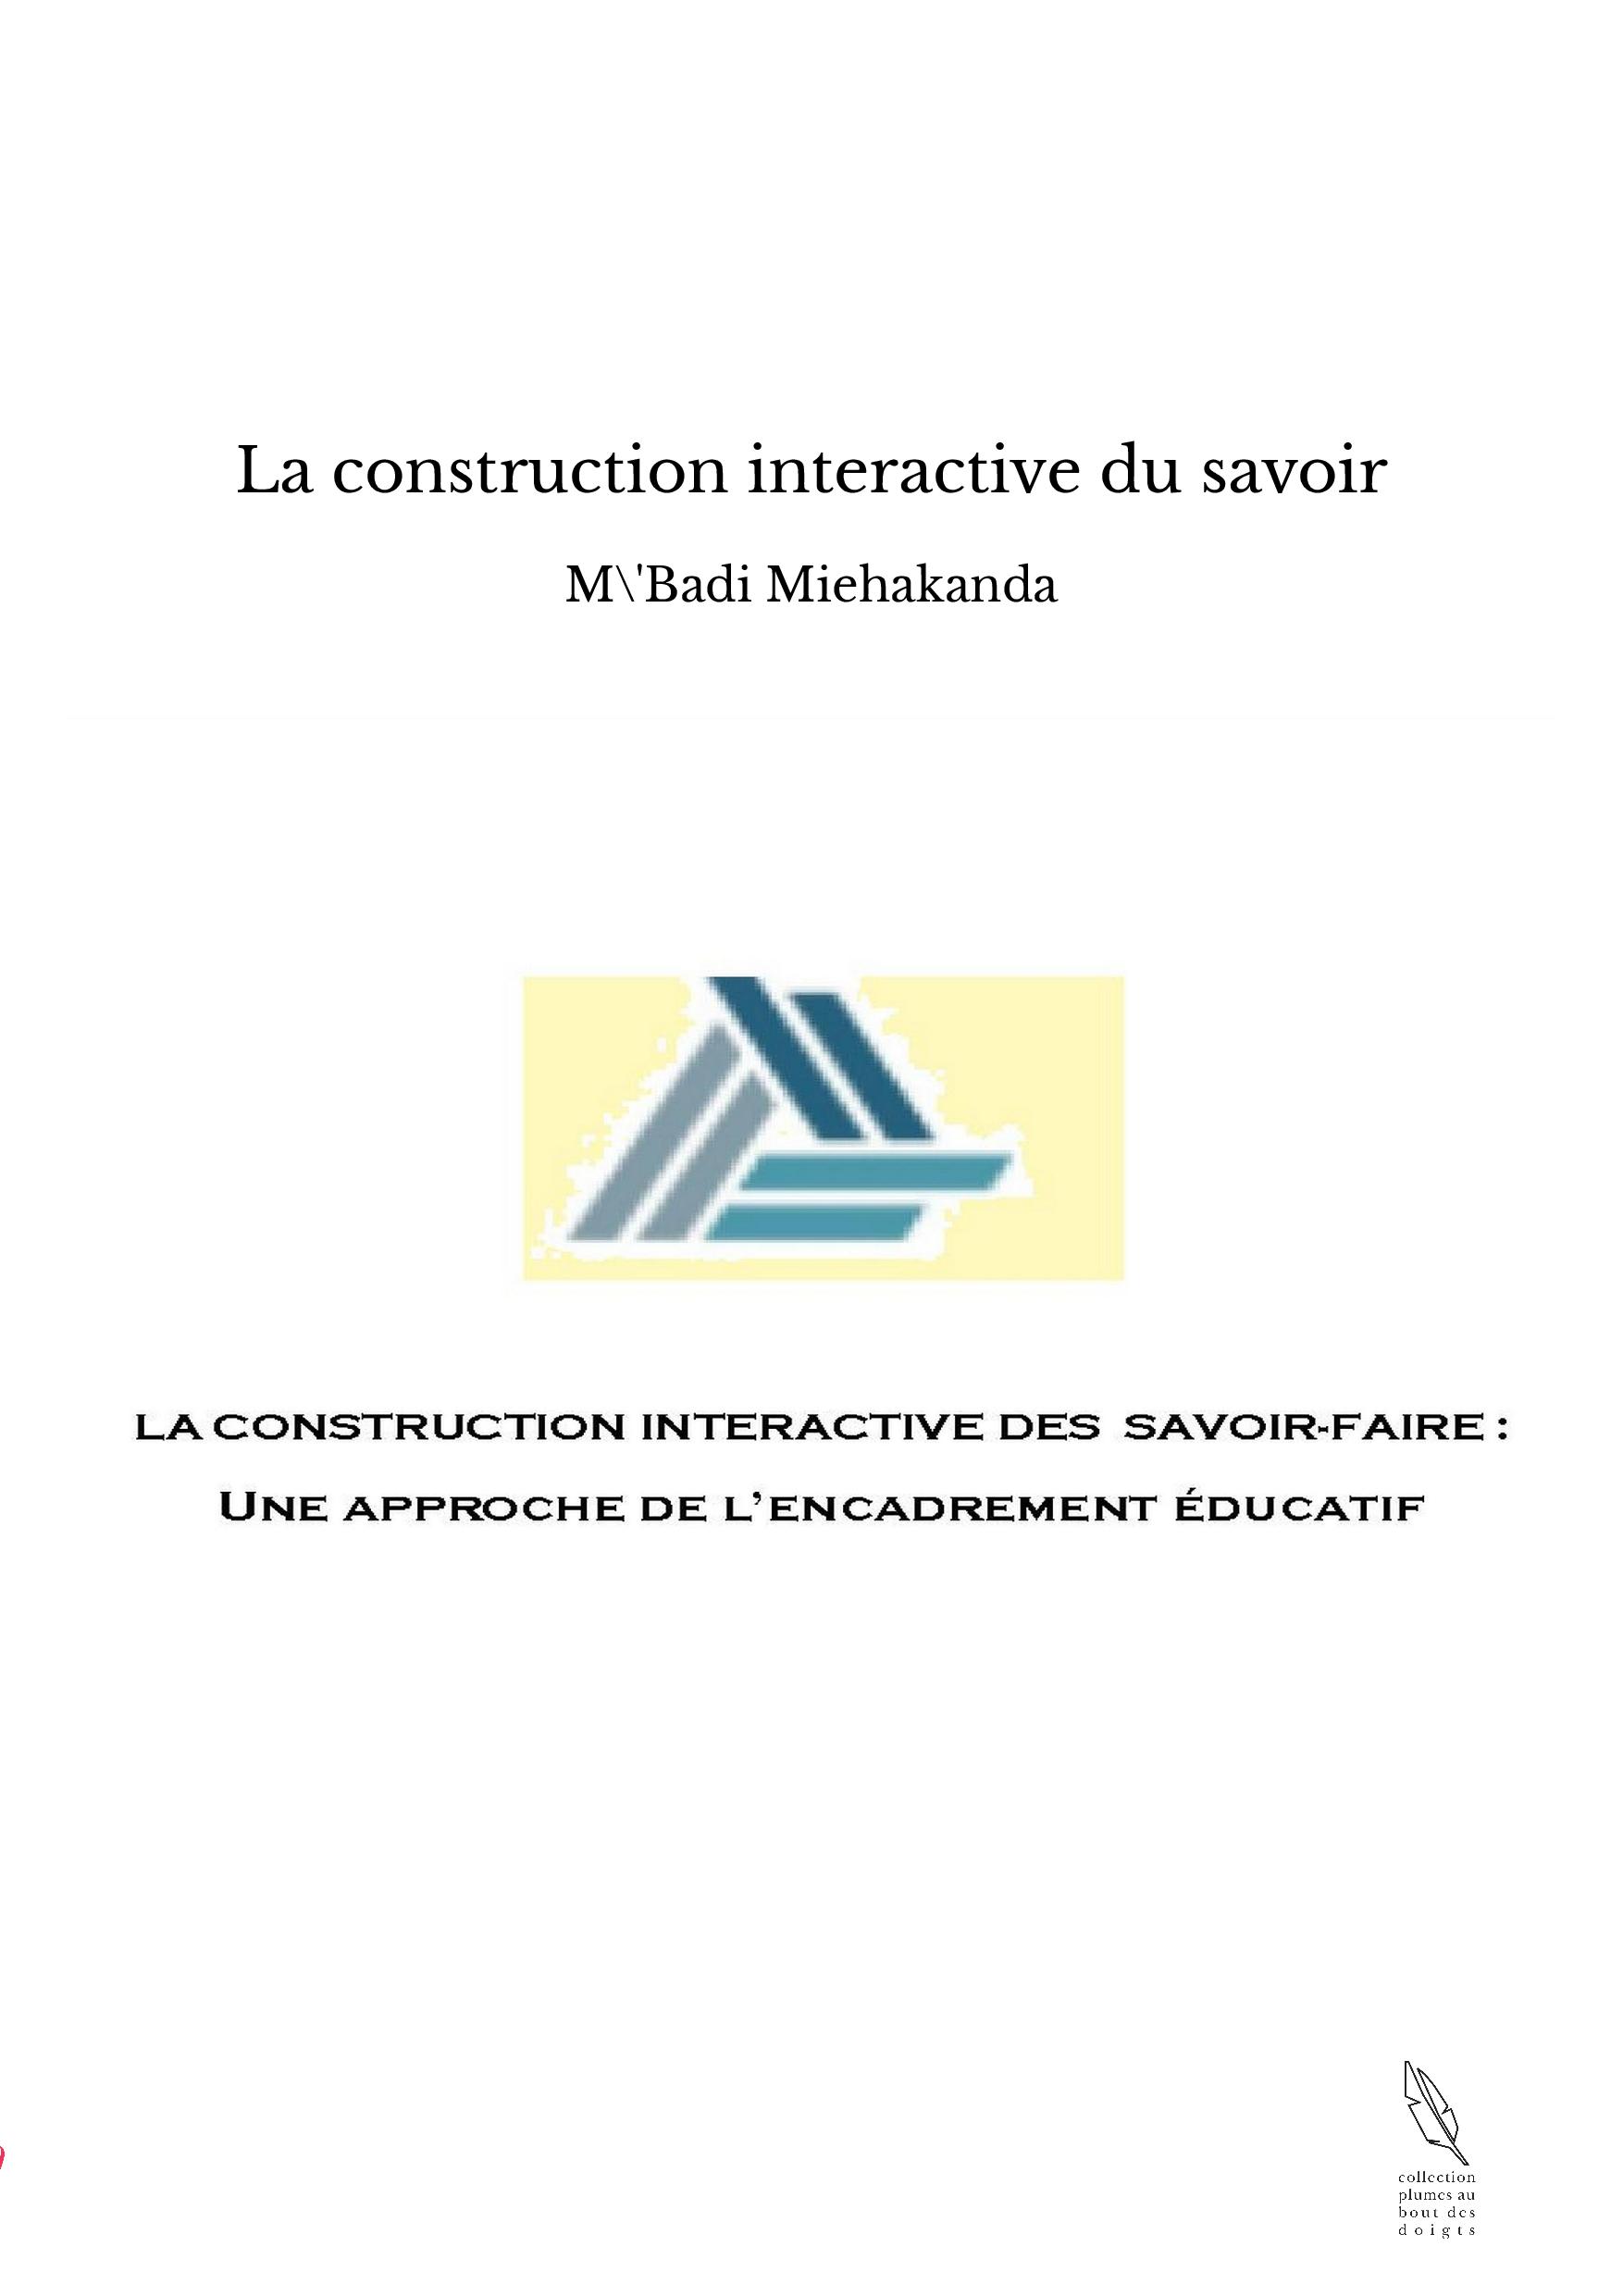 La construction interactive du savoir